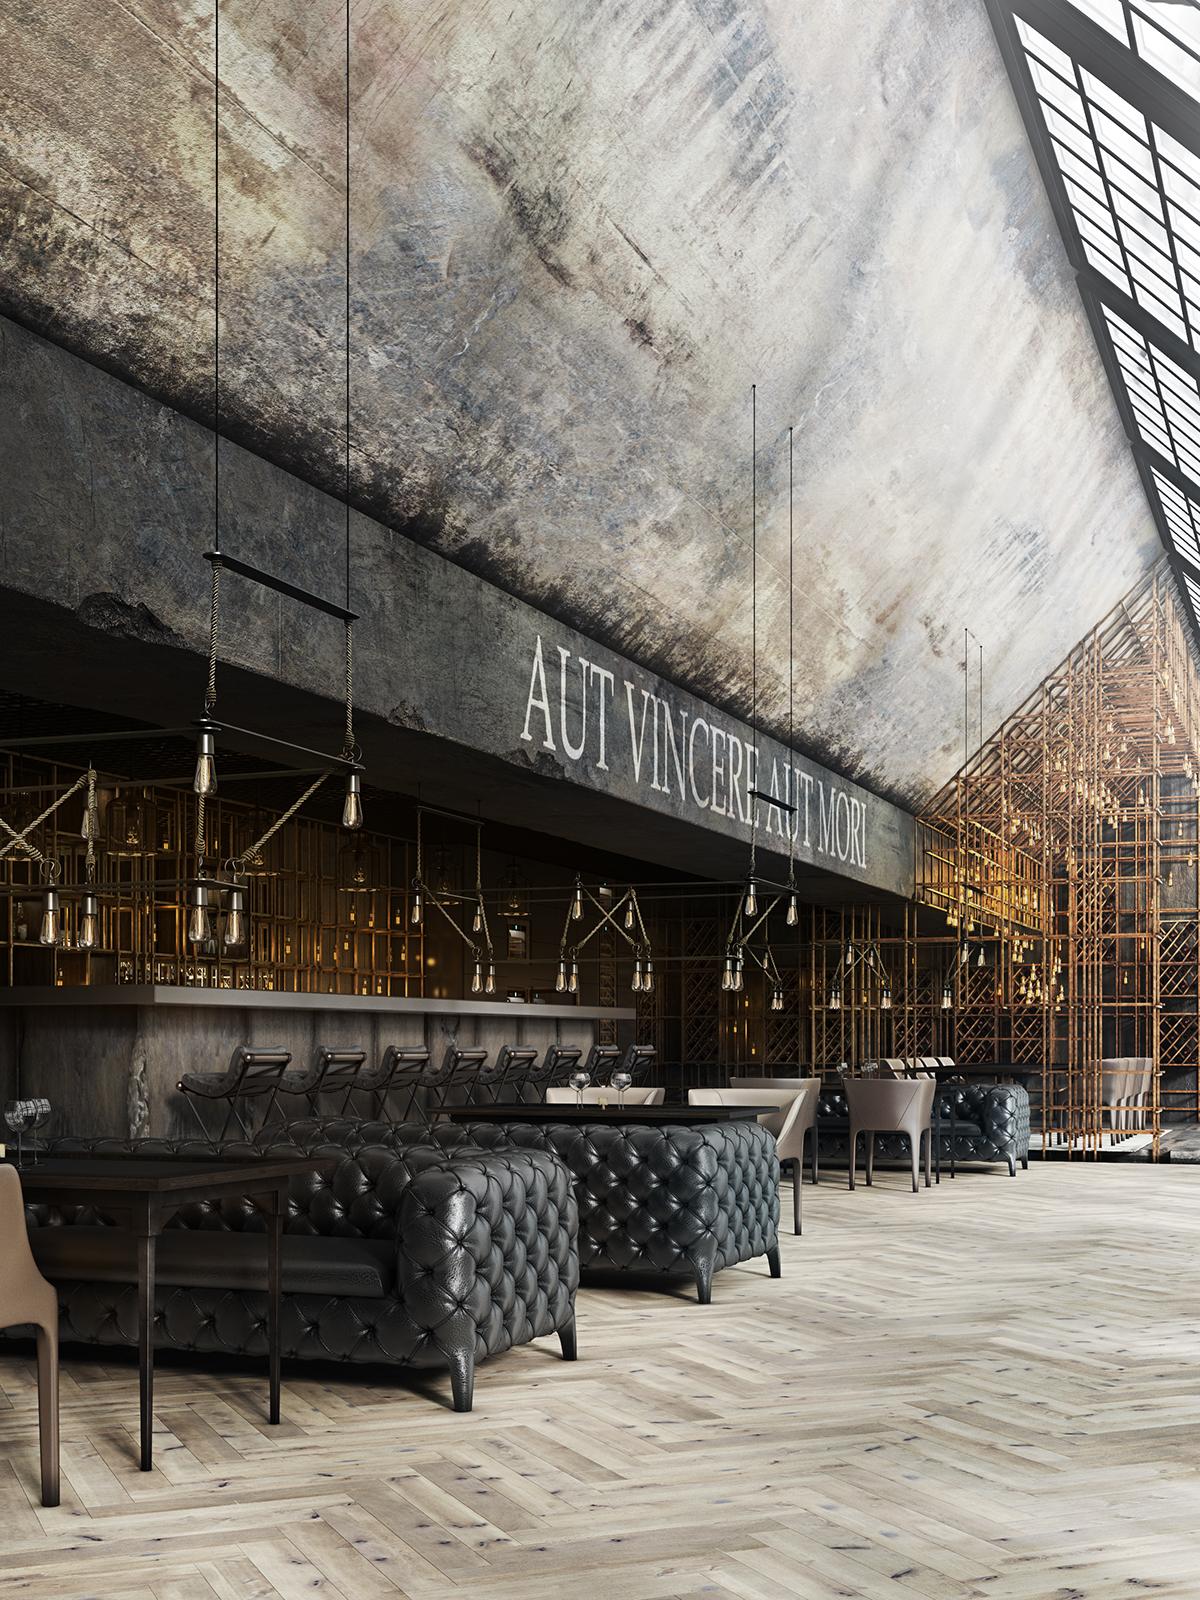 Restaurant aut vincere aut mori on behance for Industrial design amsterdam